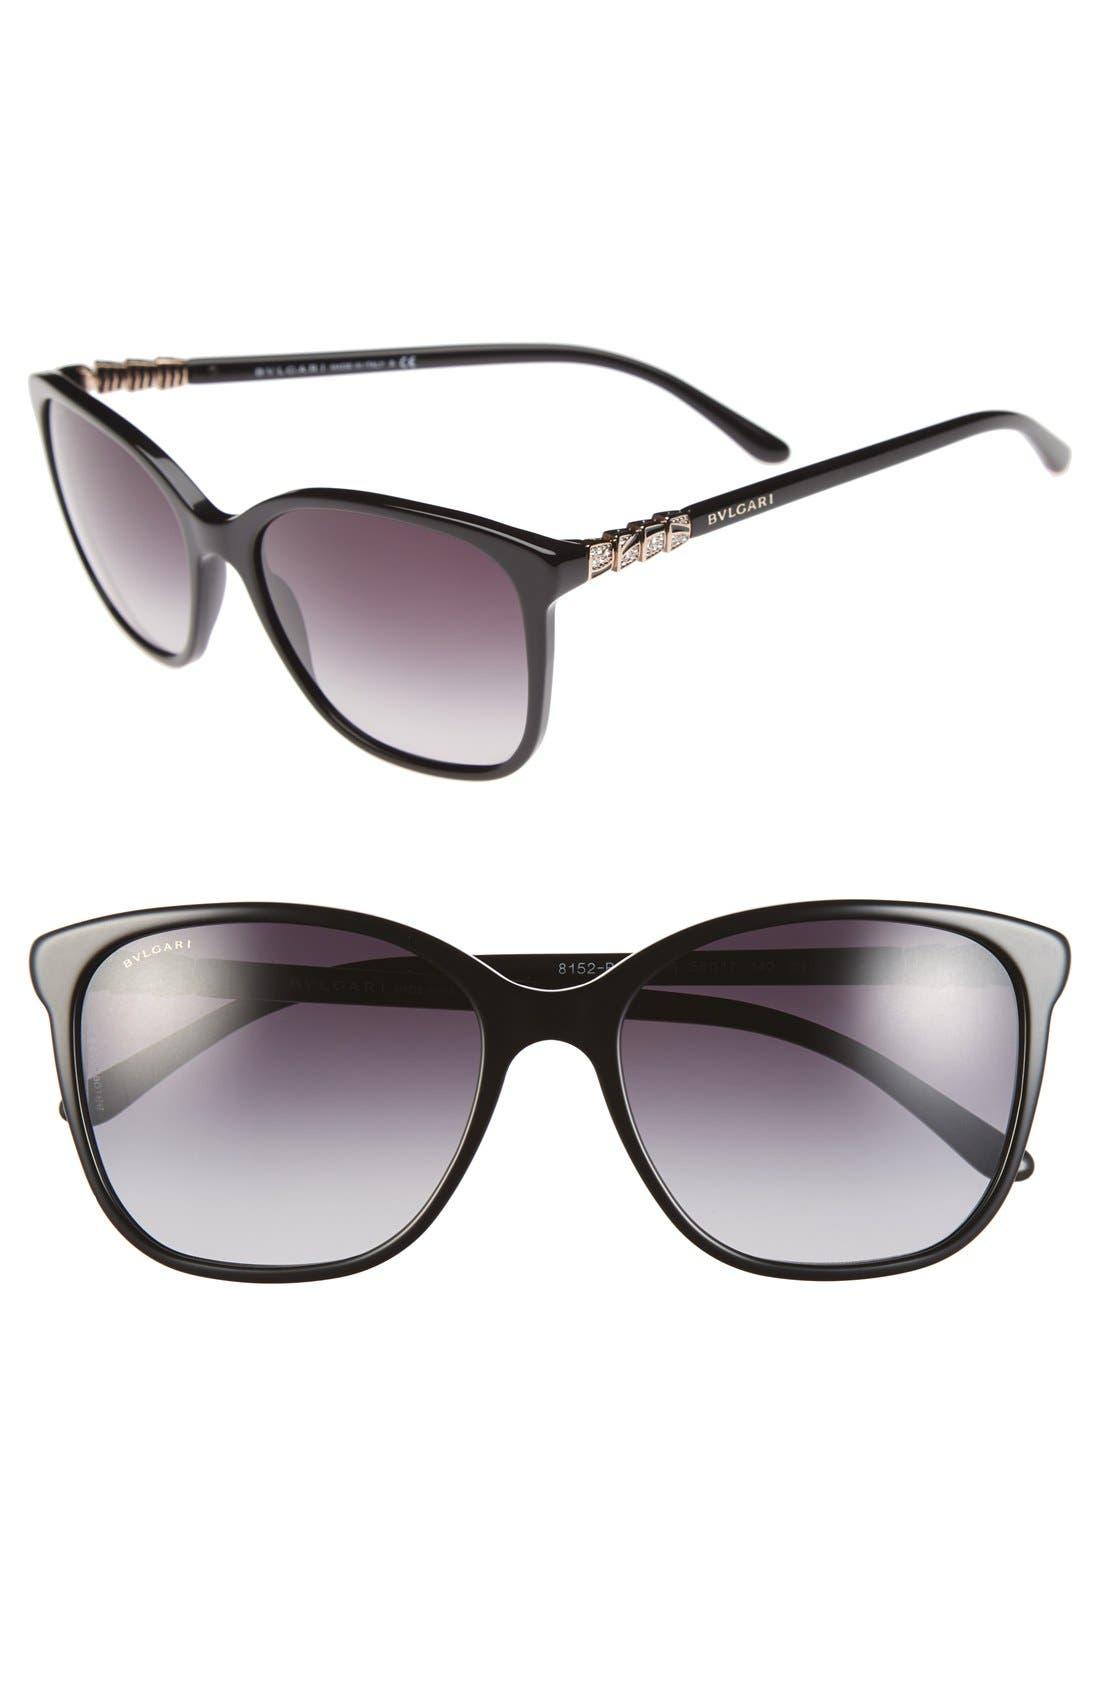 Main Image - BVLGARI 56mm Gradient Sunglasses